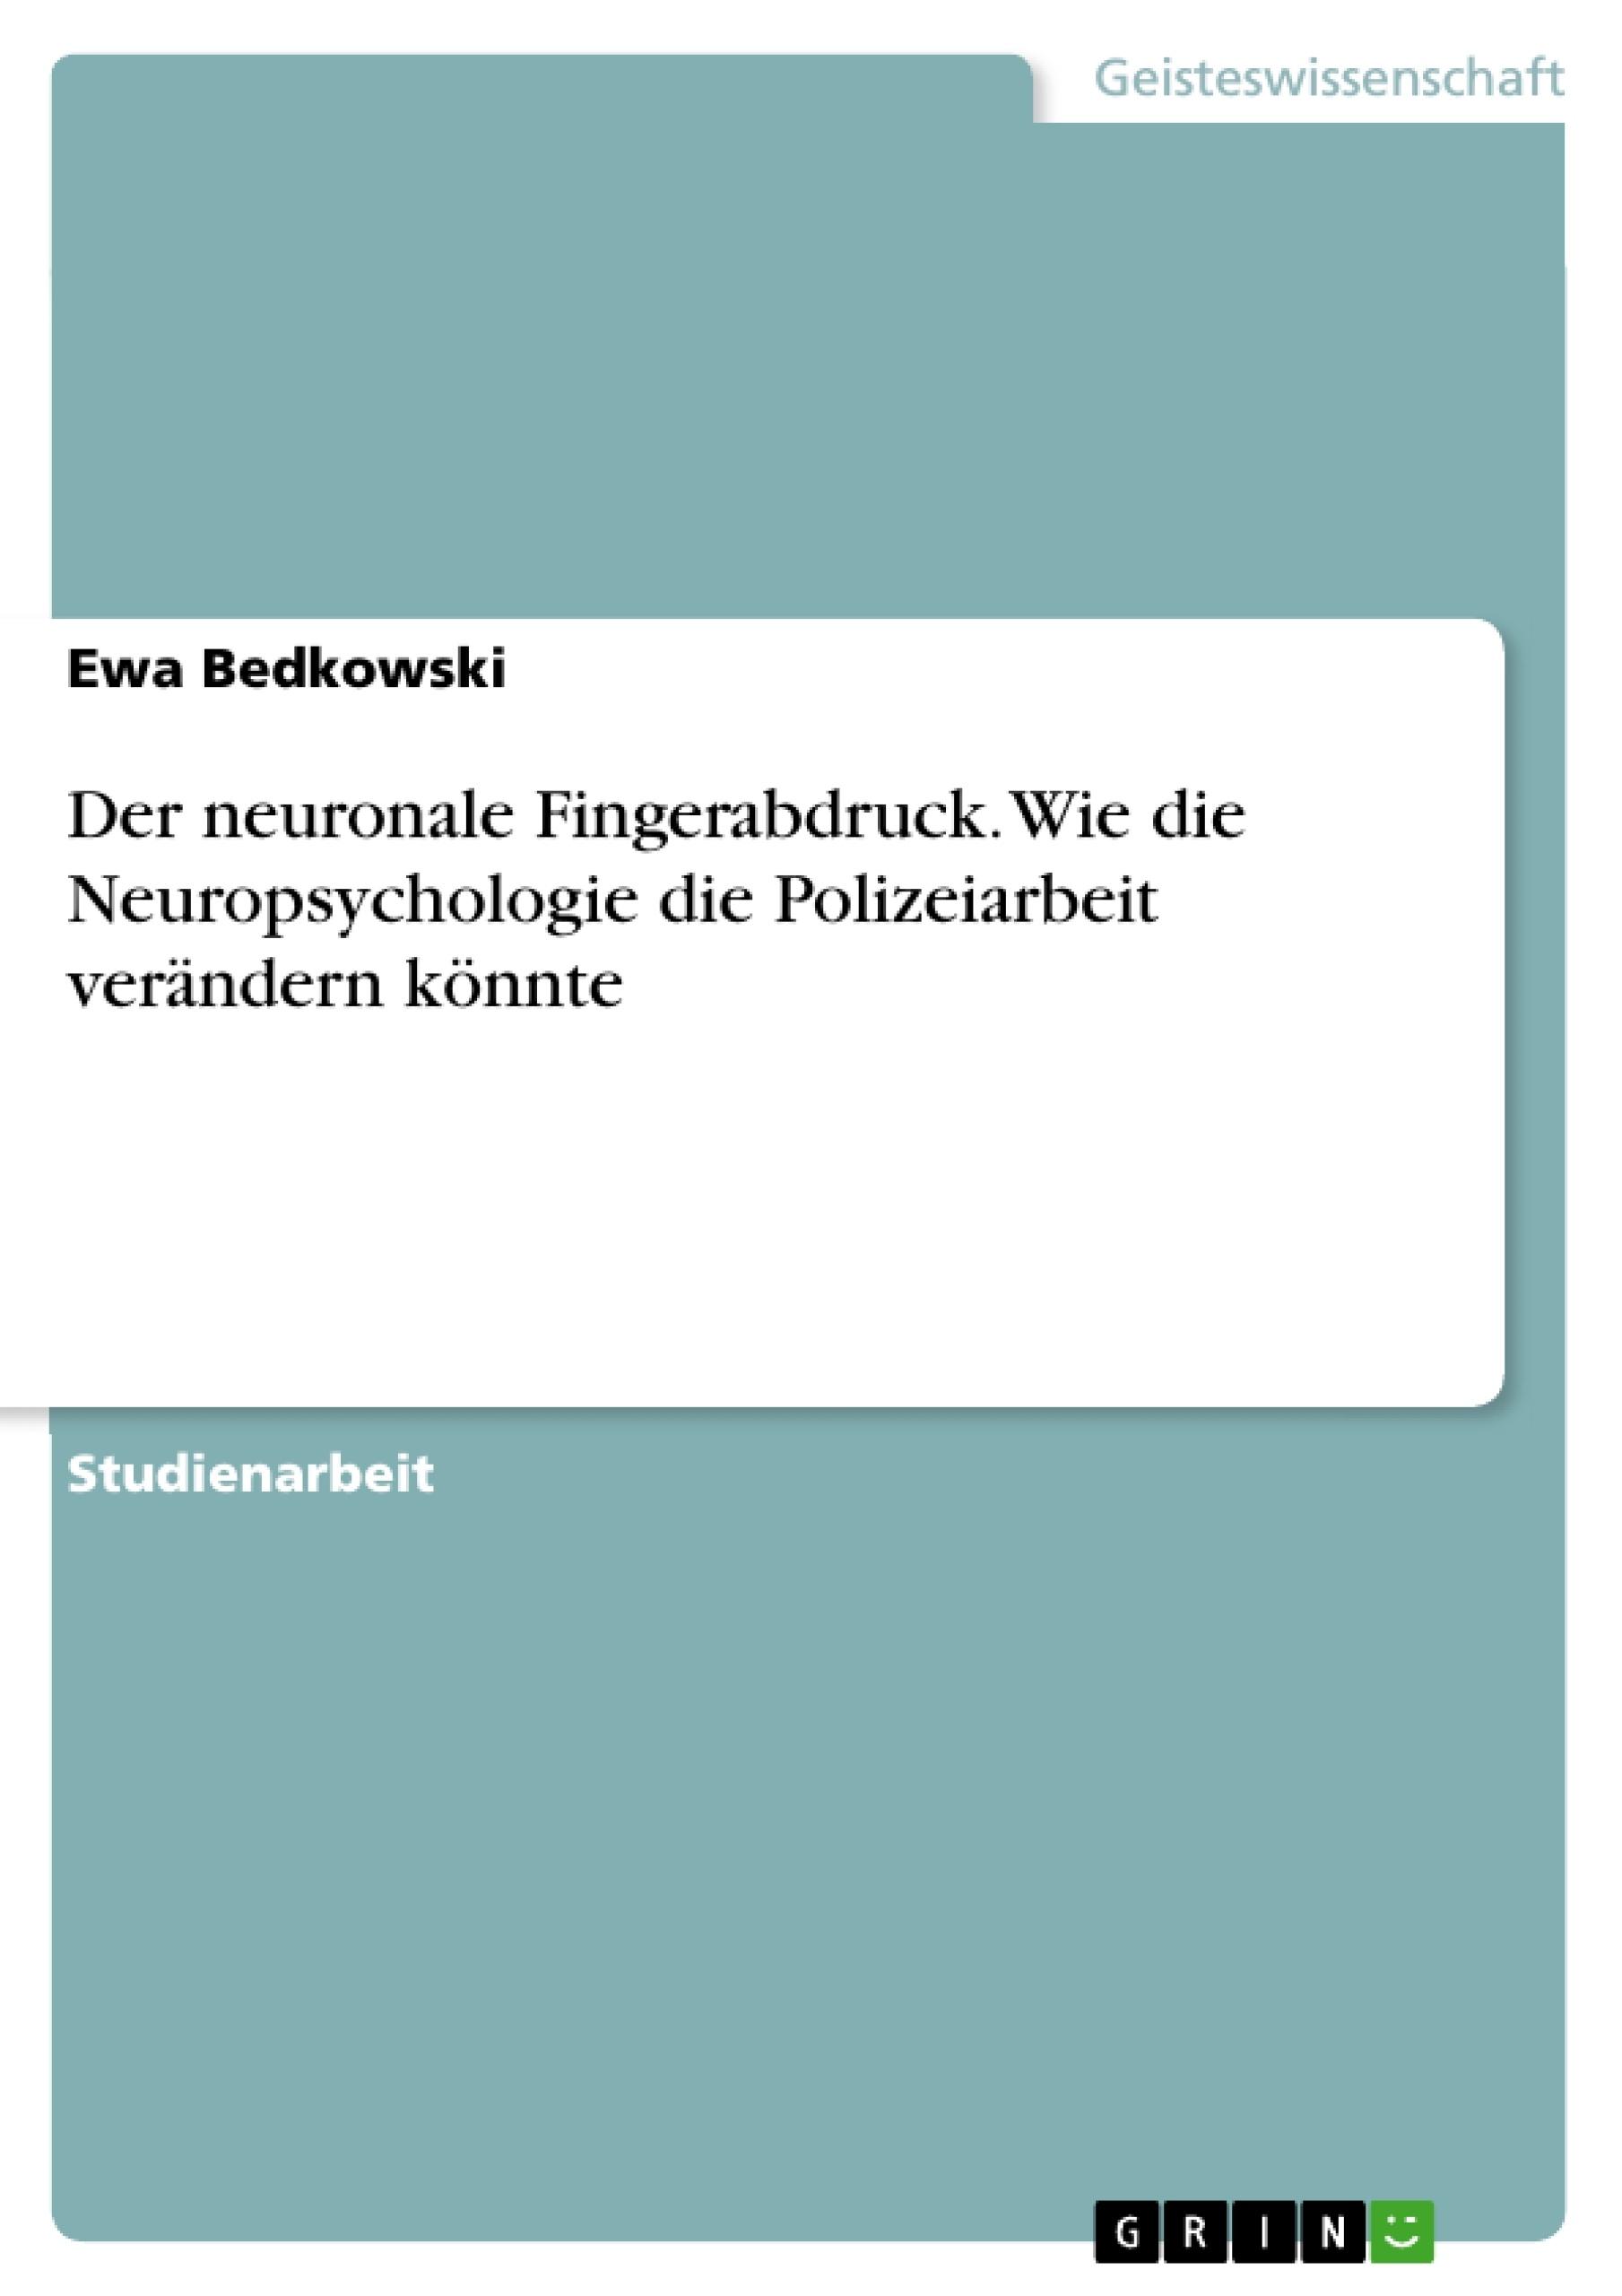 Titel: Der neuronale Fingerabdruck. Wie die Neuropsychologie die Polizeiarbeit verändern könnte